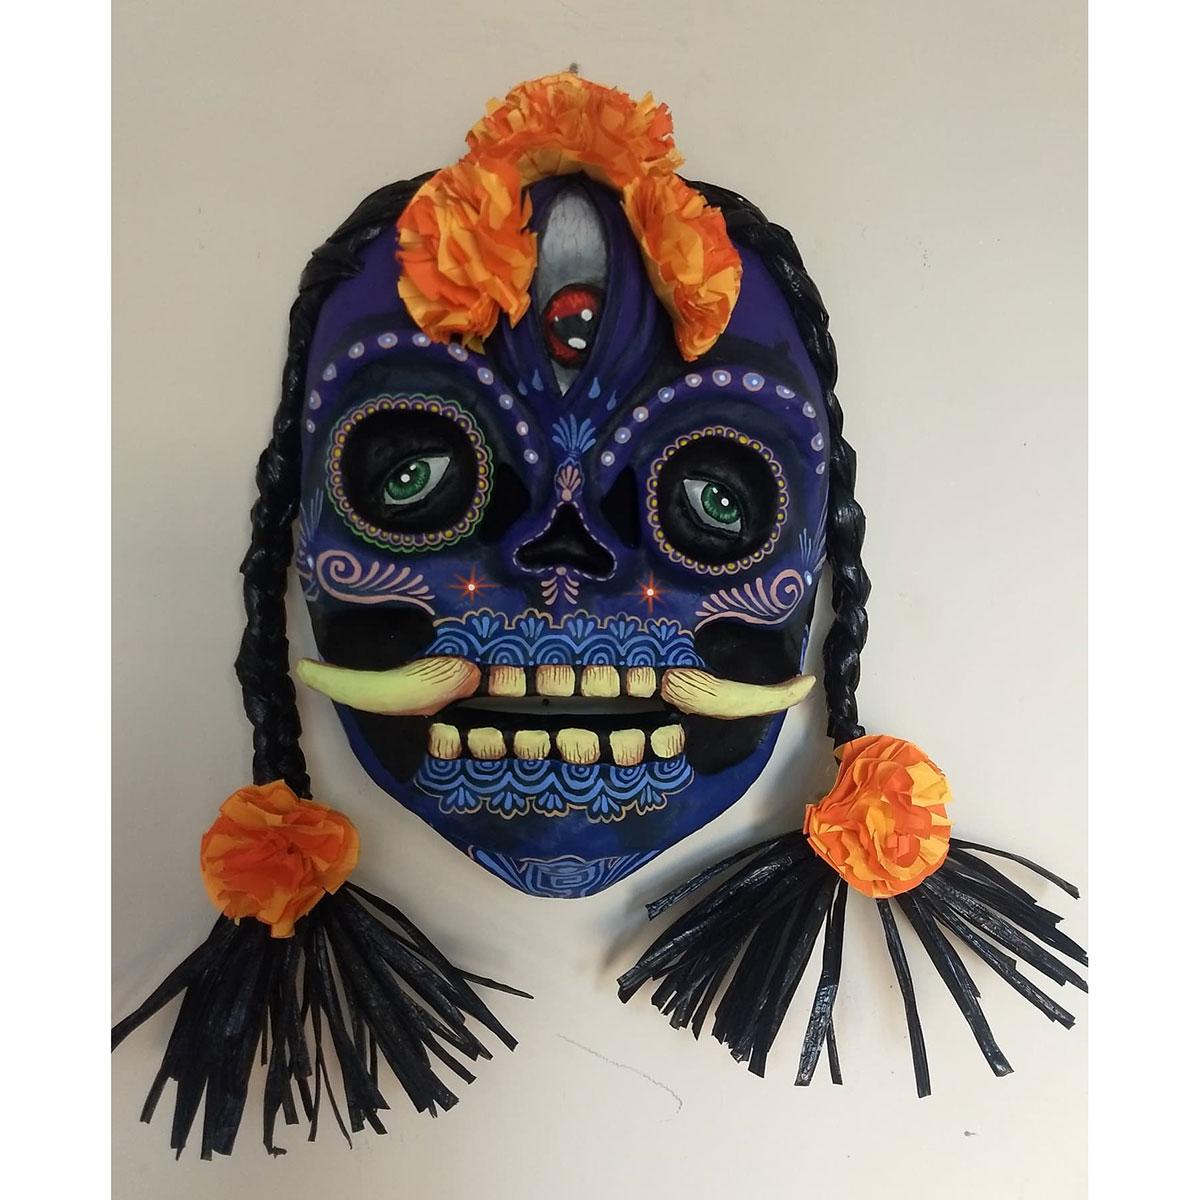 Cartoneria (Mexican Paper Mache) Isaias Alejandro Morales Delgado: Muerte Azul (Blue Death) Mask cartoneria